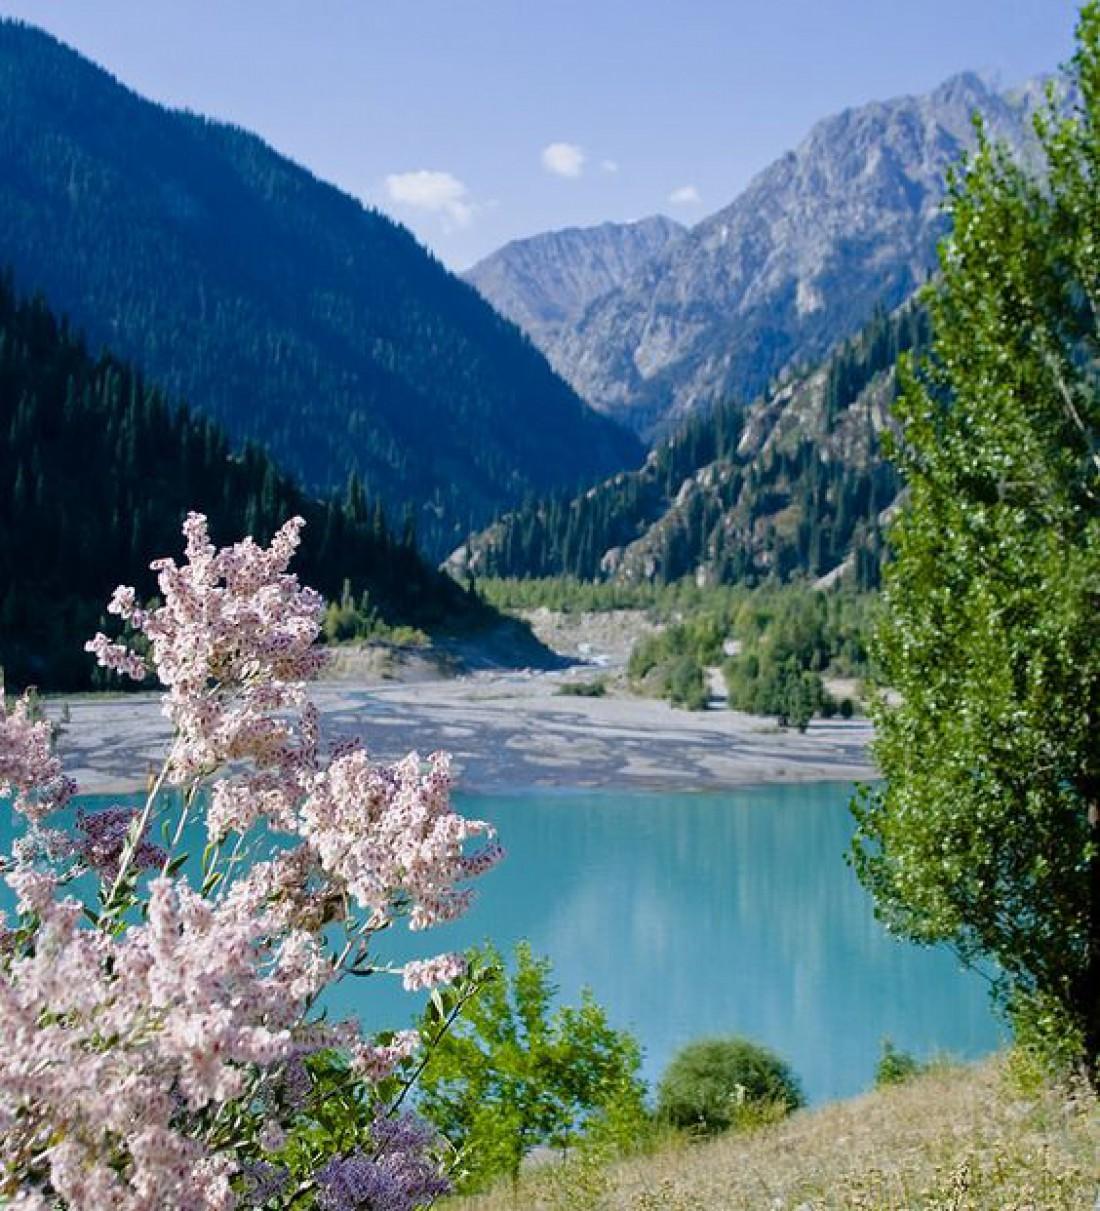 ТОП-5 мест Казахстана, которые покорят вас в первого взгляда